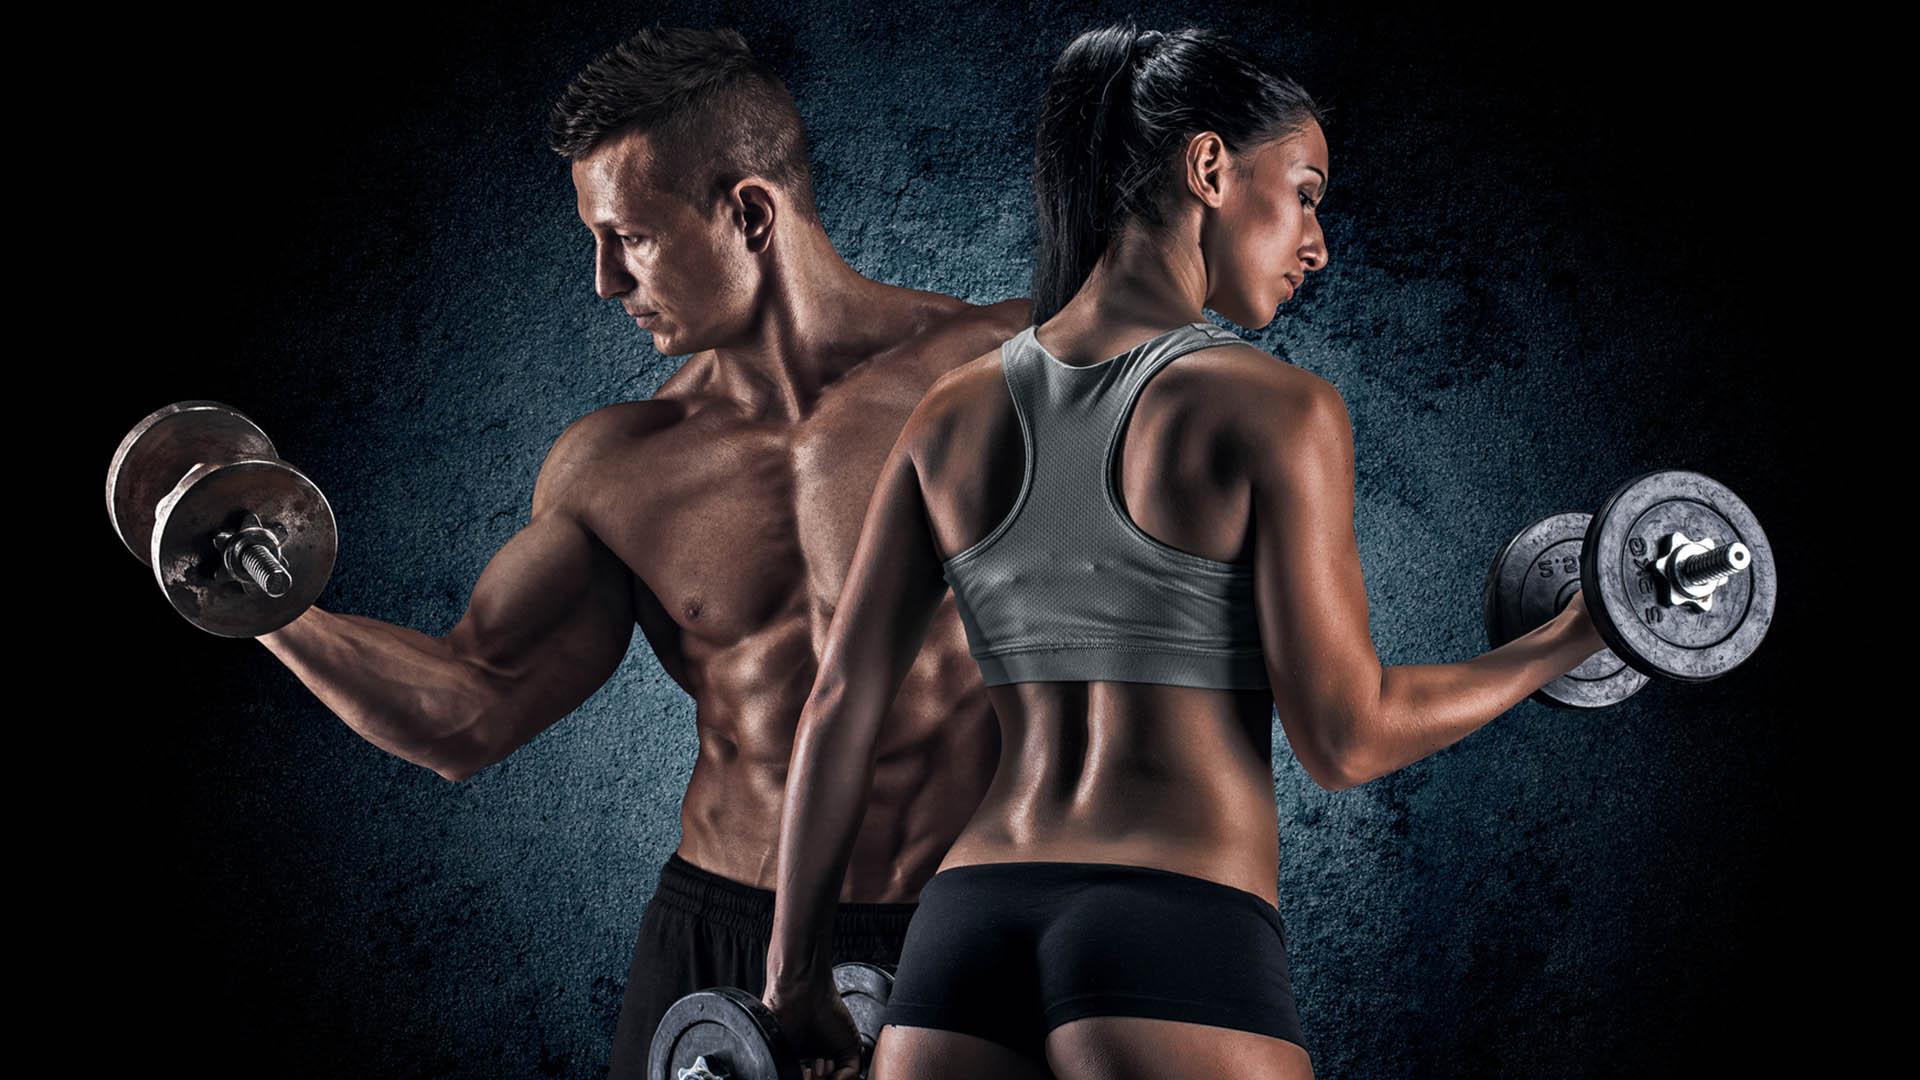 Fitnessstudio wallpaper  Online Shop - Muskelschmiede Ihr 24/7 Fitnessstudio